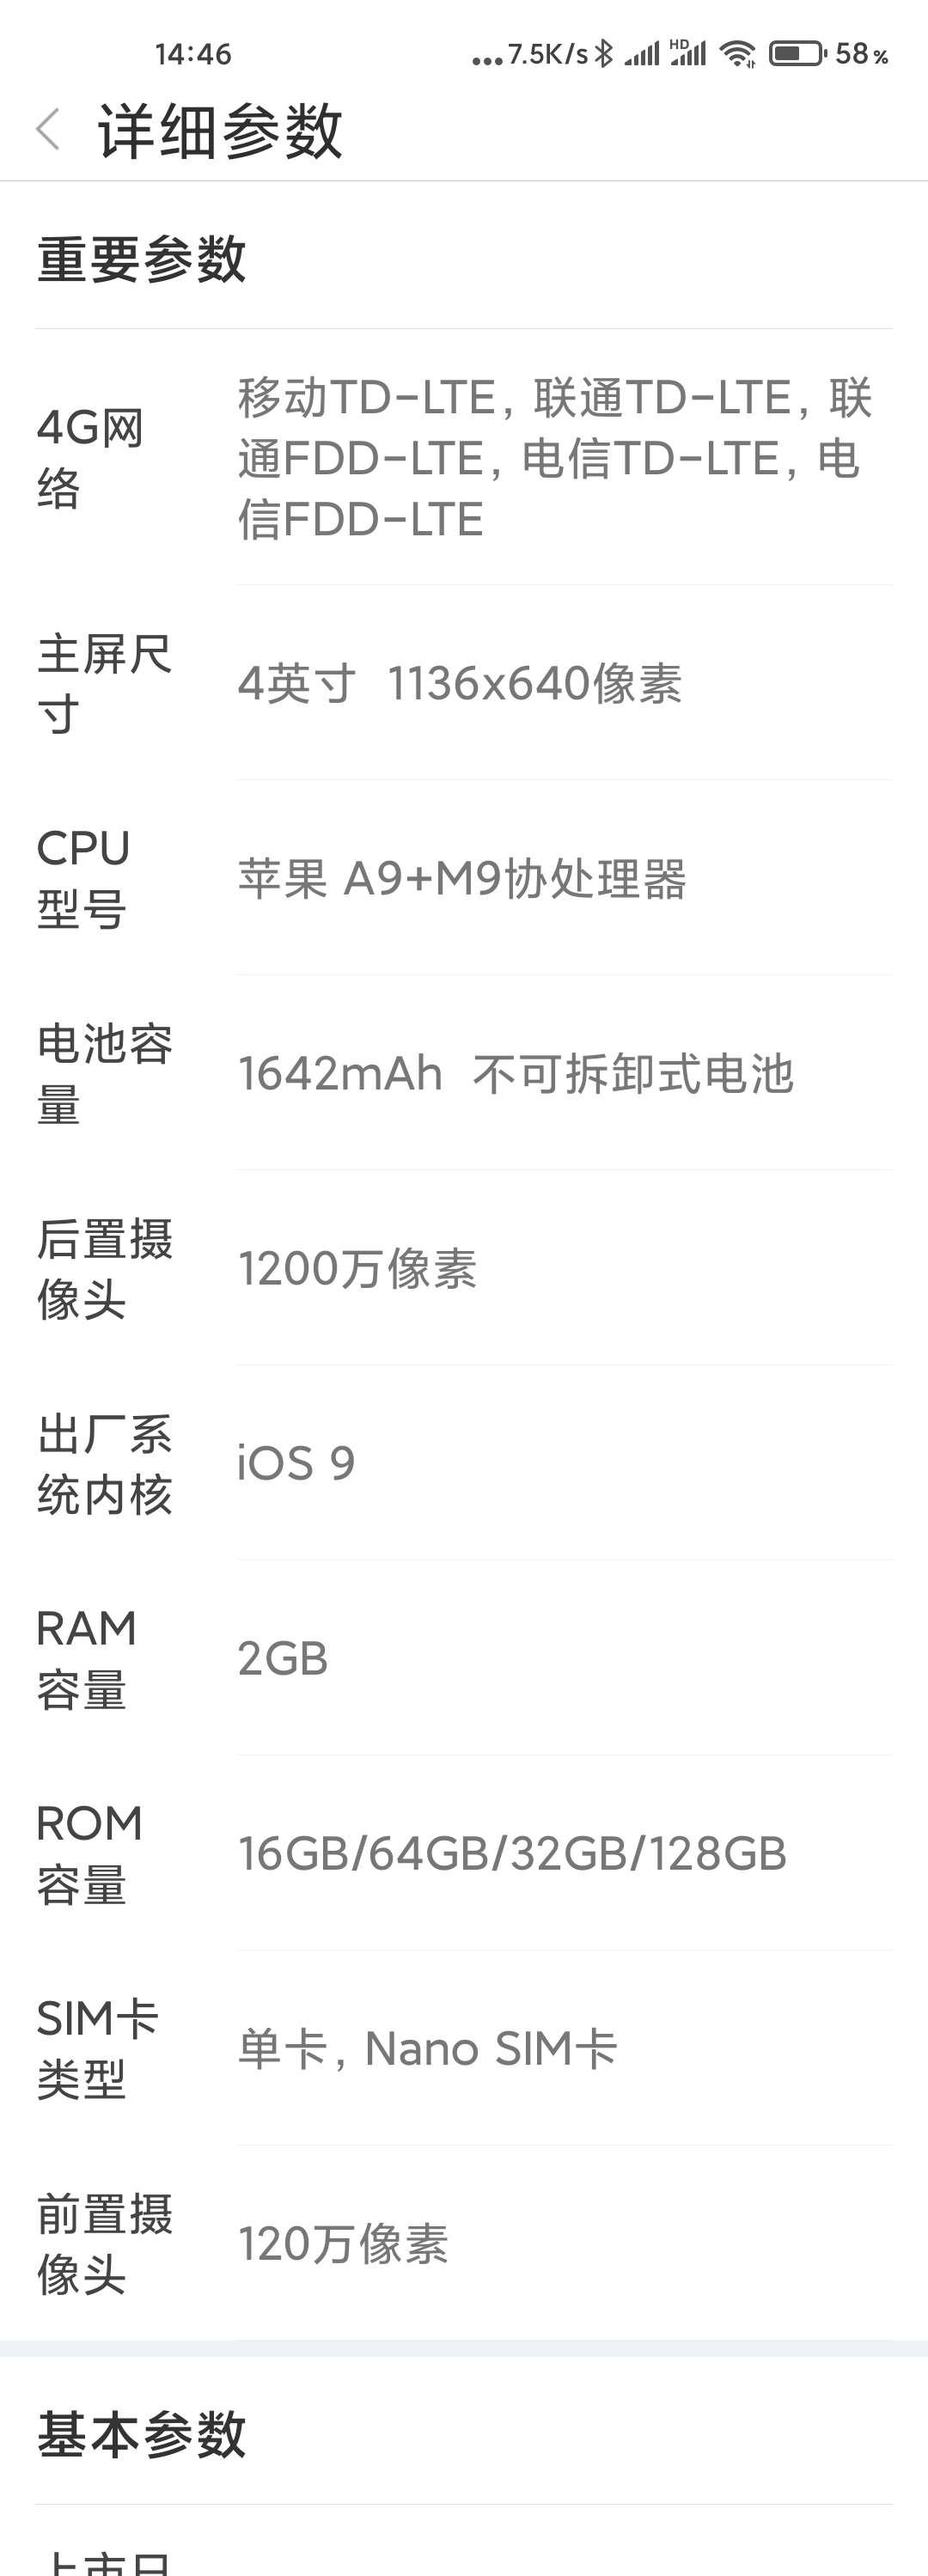 苹果iPhone配置参数怎么样?